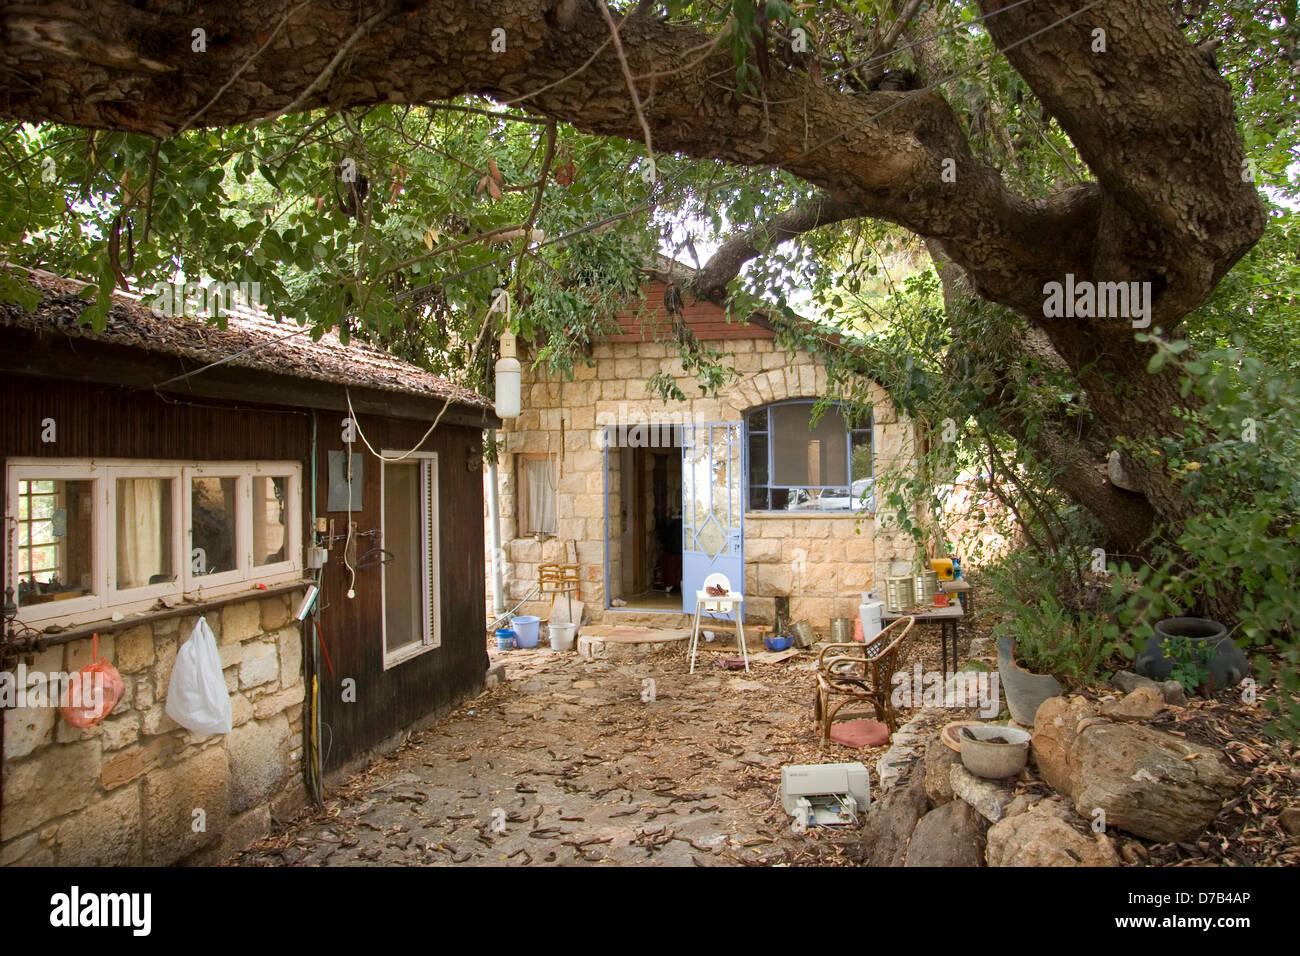 Casa in clil, Galilea occidentale Immagini Stock